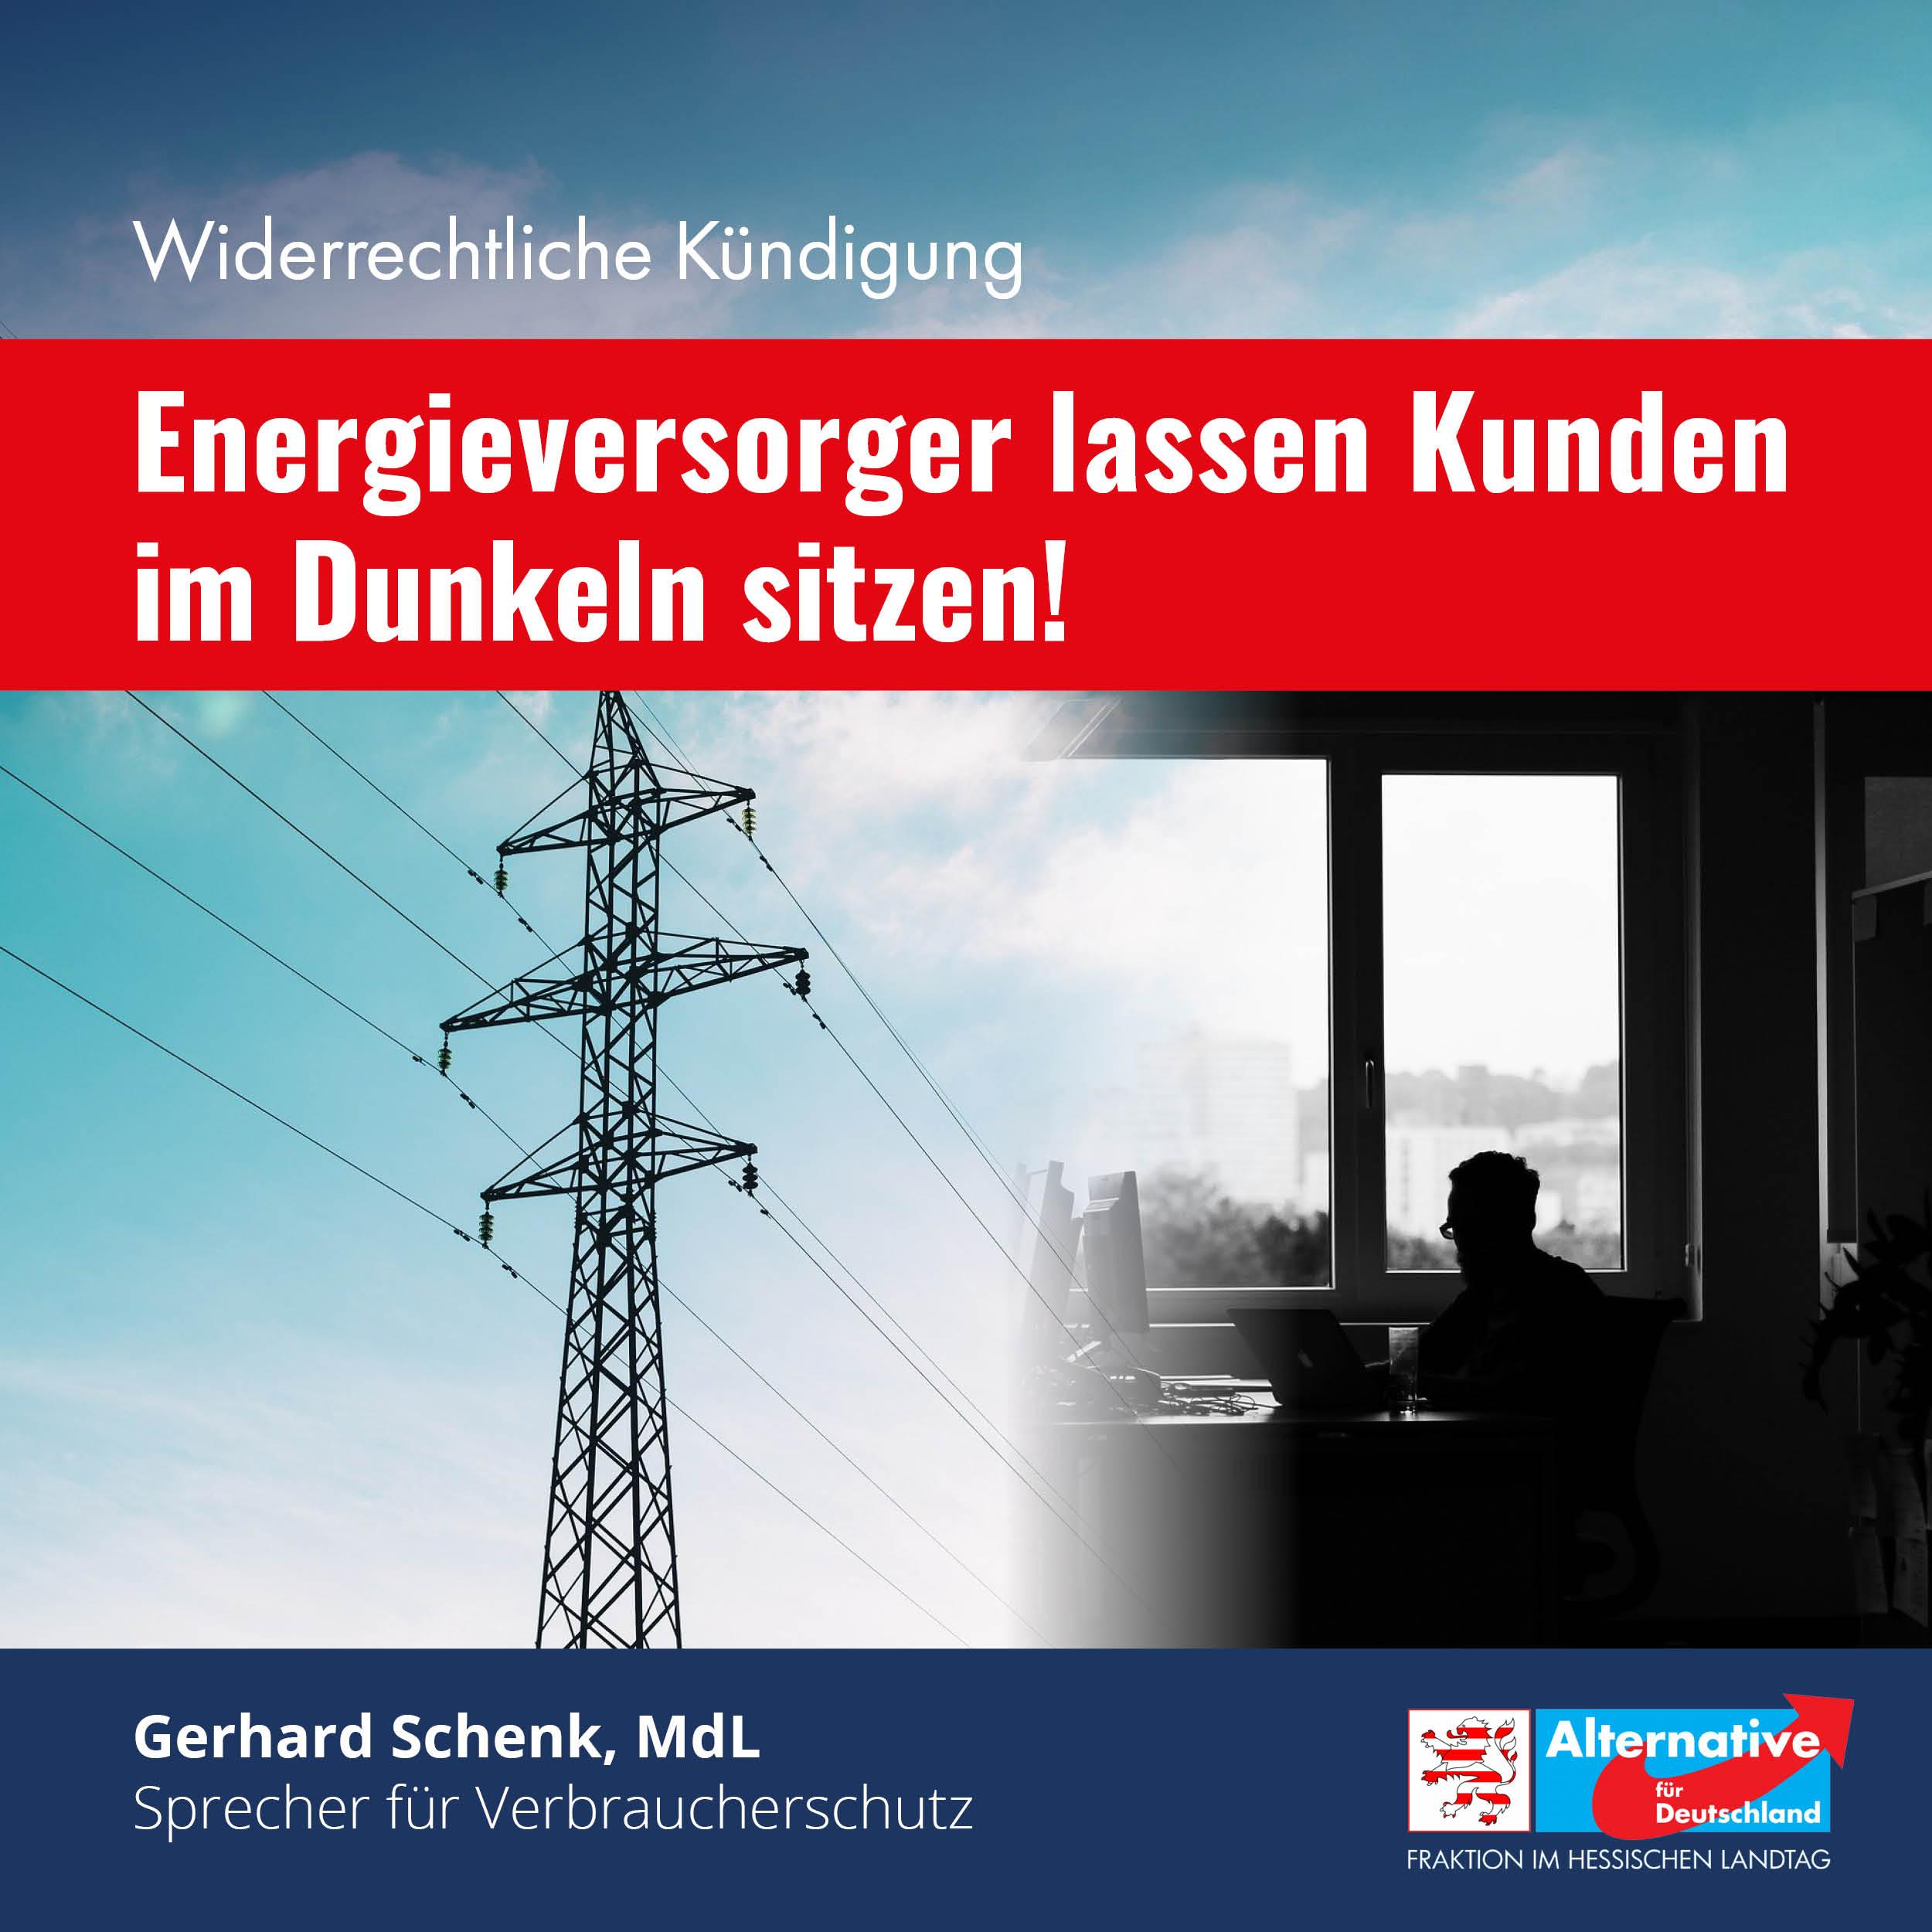 Energieversorger lassen Kunden im Dunkeln sitzen